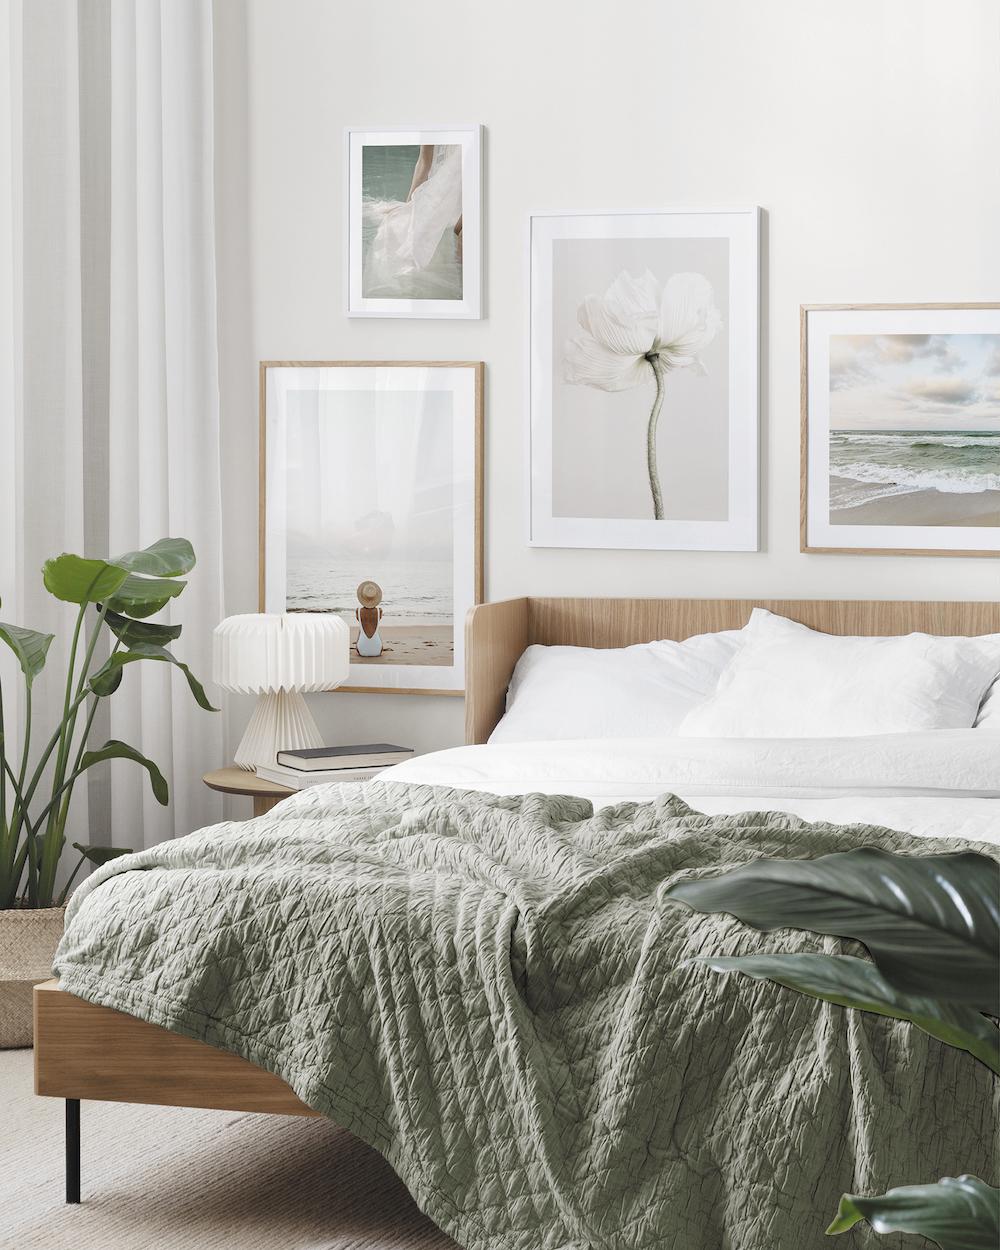 Slaapkamer inspiratie. Posters aan de wand van Desenio #slaapkamer #groen #wanddecoratie #posters